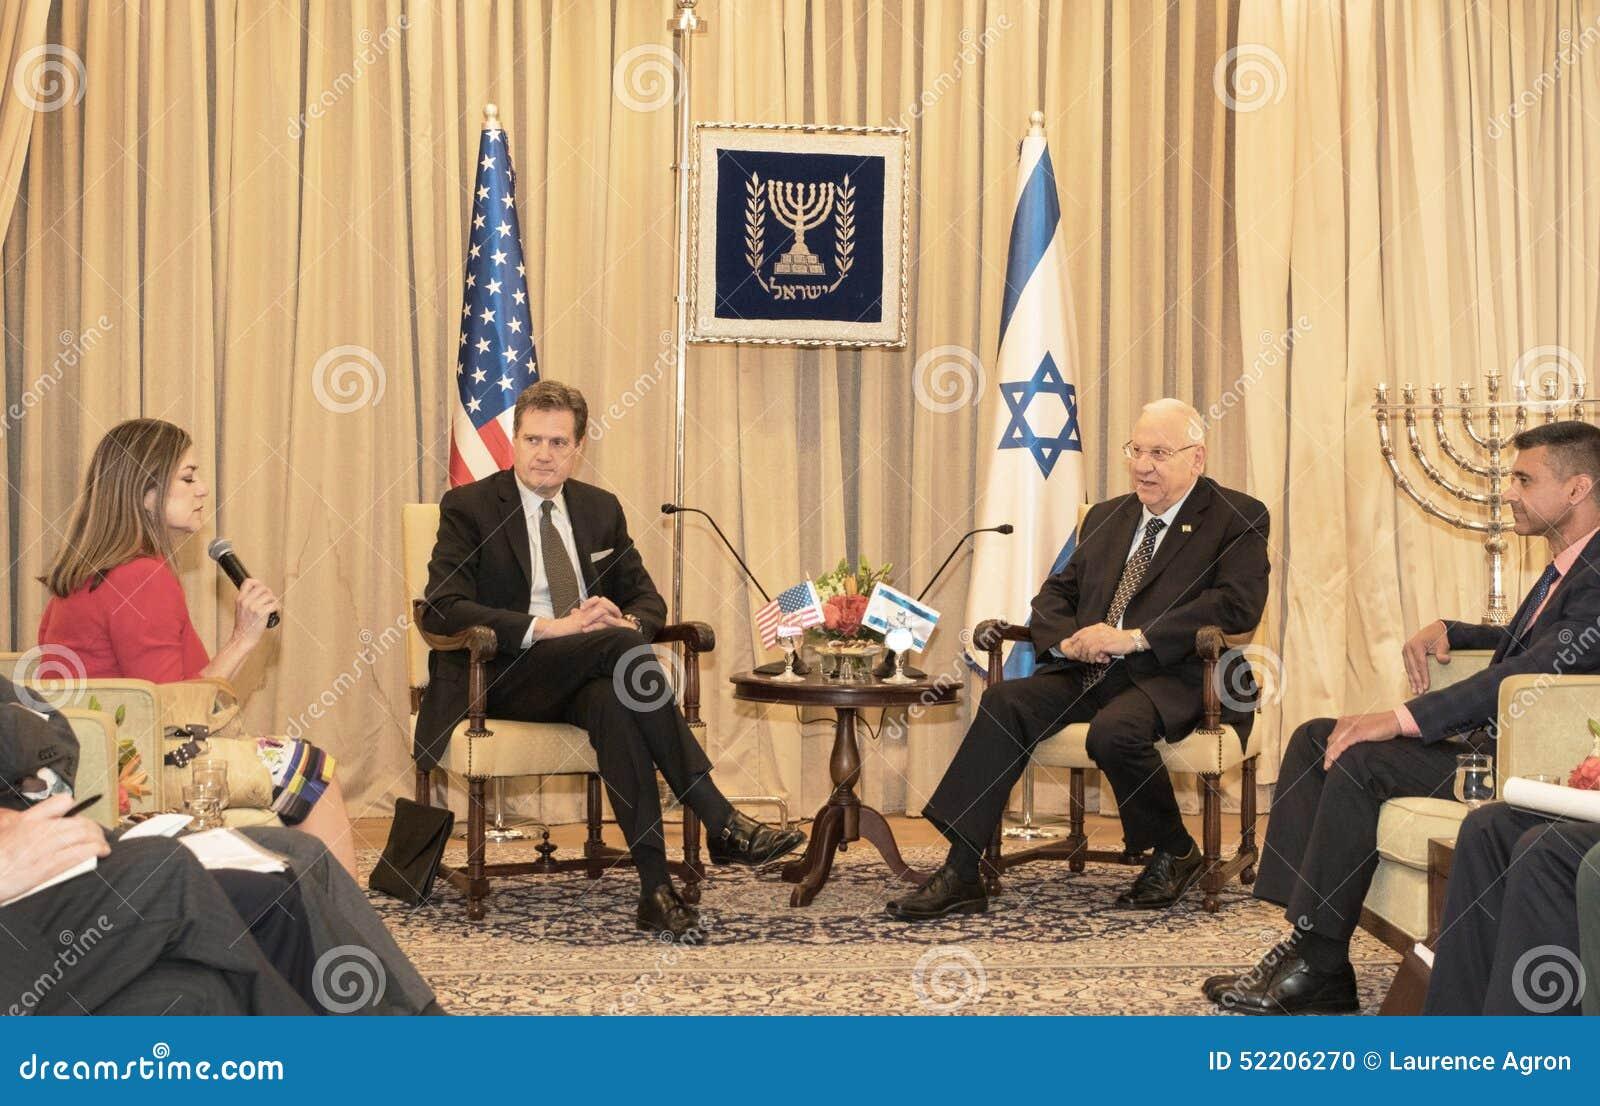 Stany Zjednoczone Zjazdowa delegacja Spotyka Izrael prezydenta